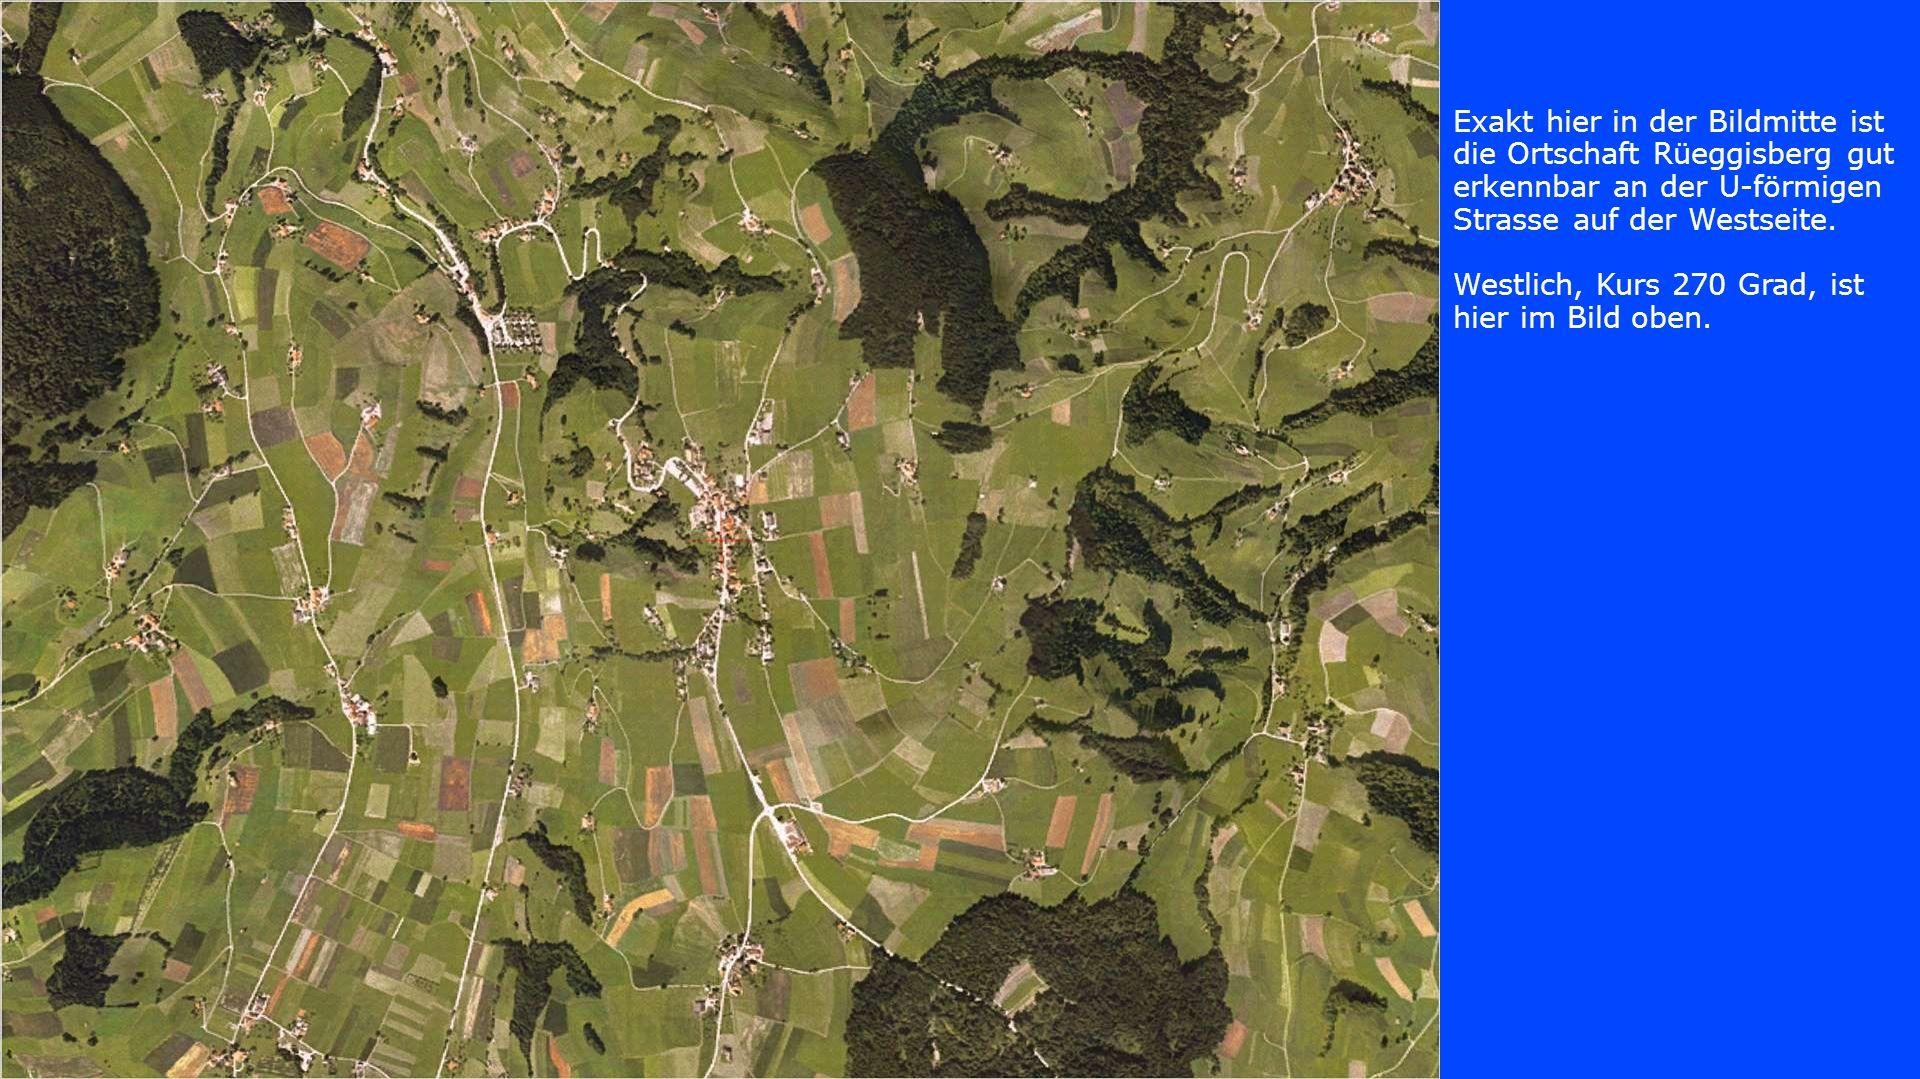 Exakt hier in der Bildmitte ist die Ortschaft Rüeggisberg gut erkennbar an der U-förmigen Strasse auf der Westseite.